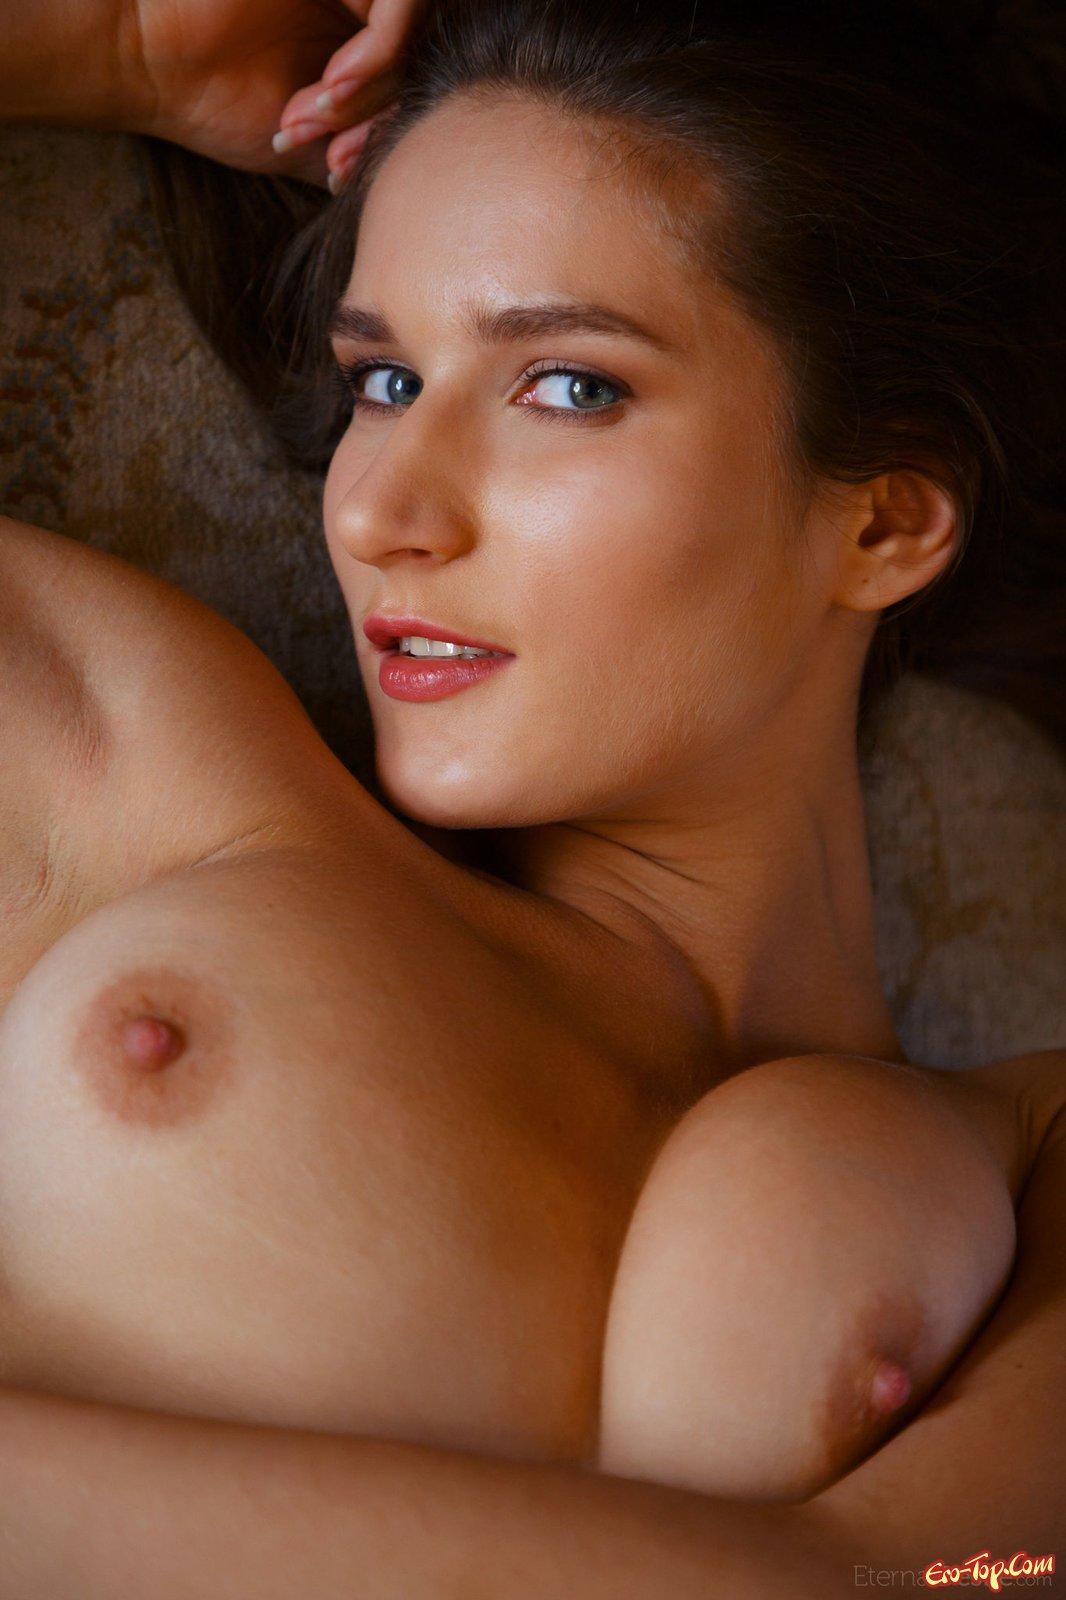 Красивая девушка расставляет ноги лежа на ковре